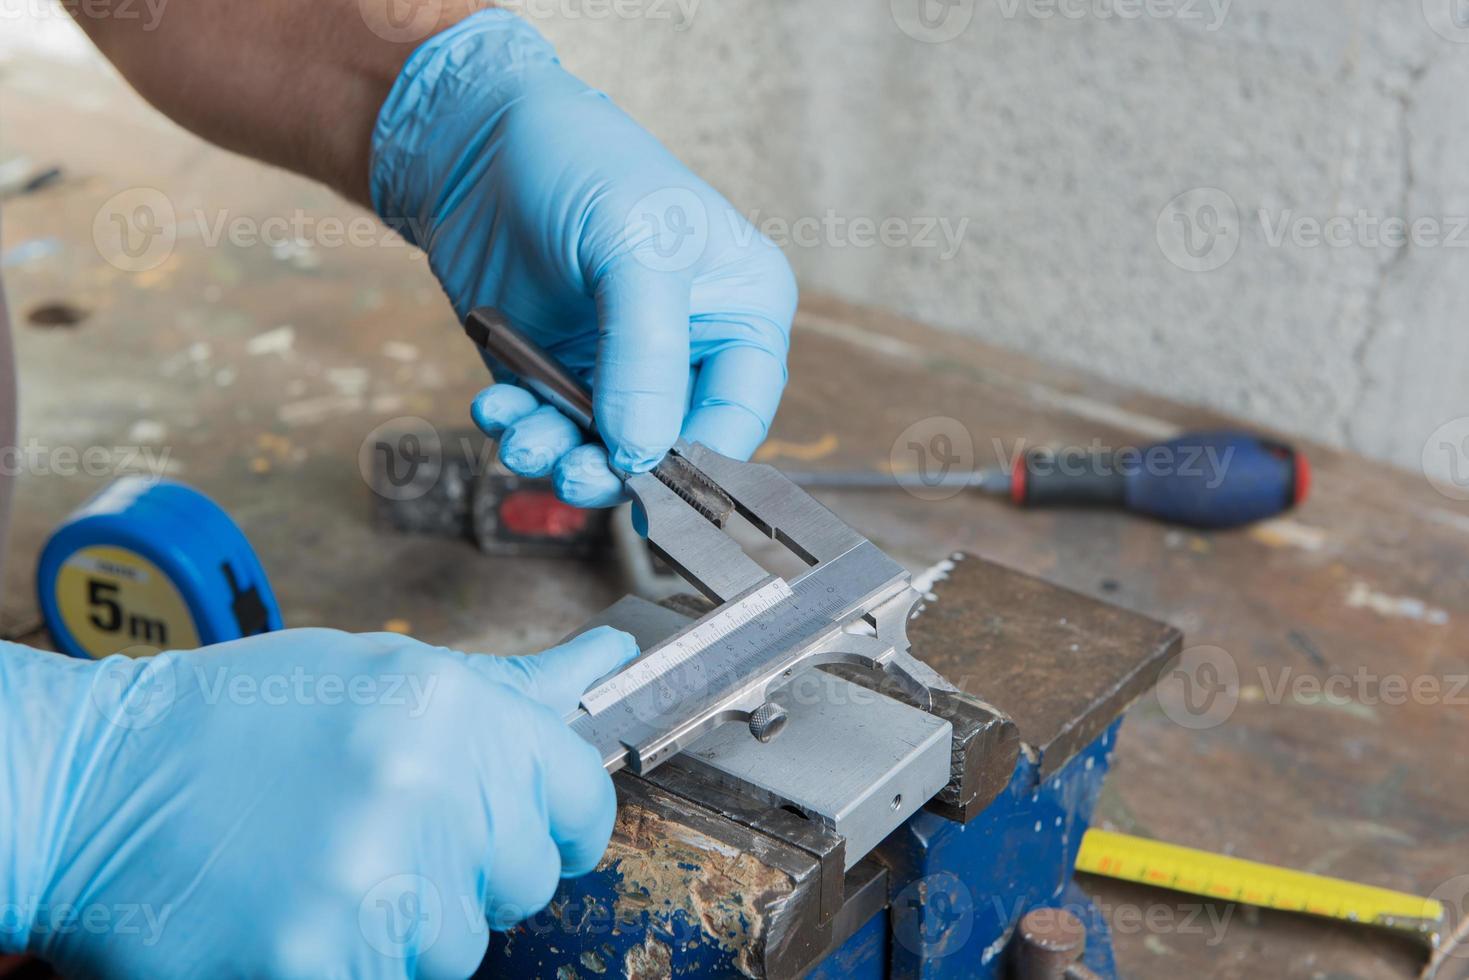 meccanico con guanti blu e un calibro a corsoio foto